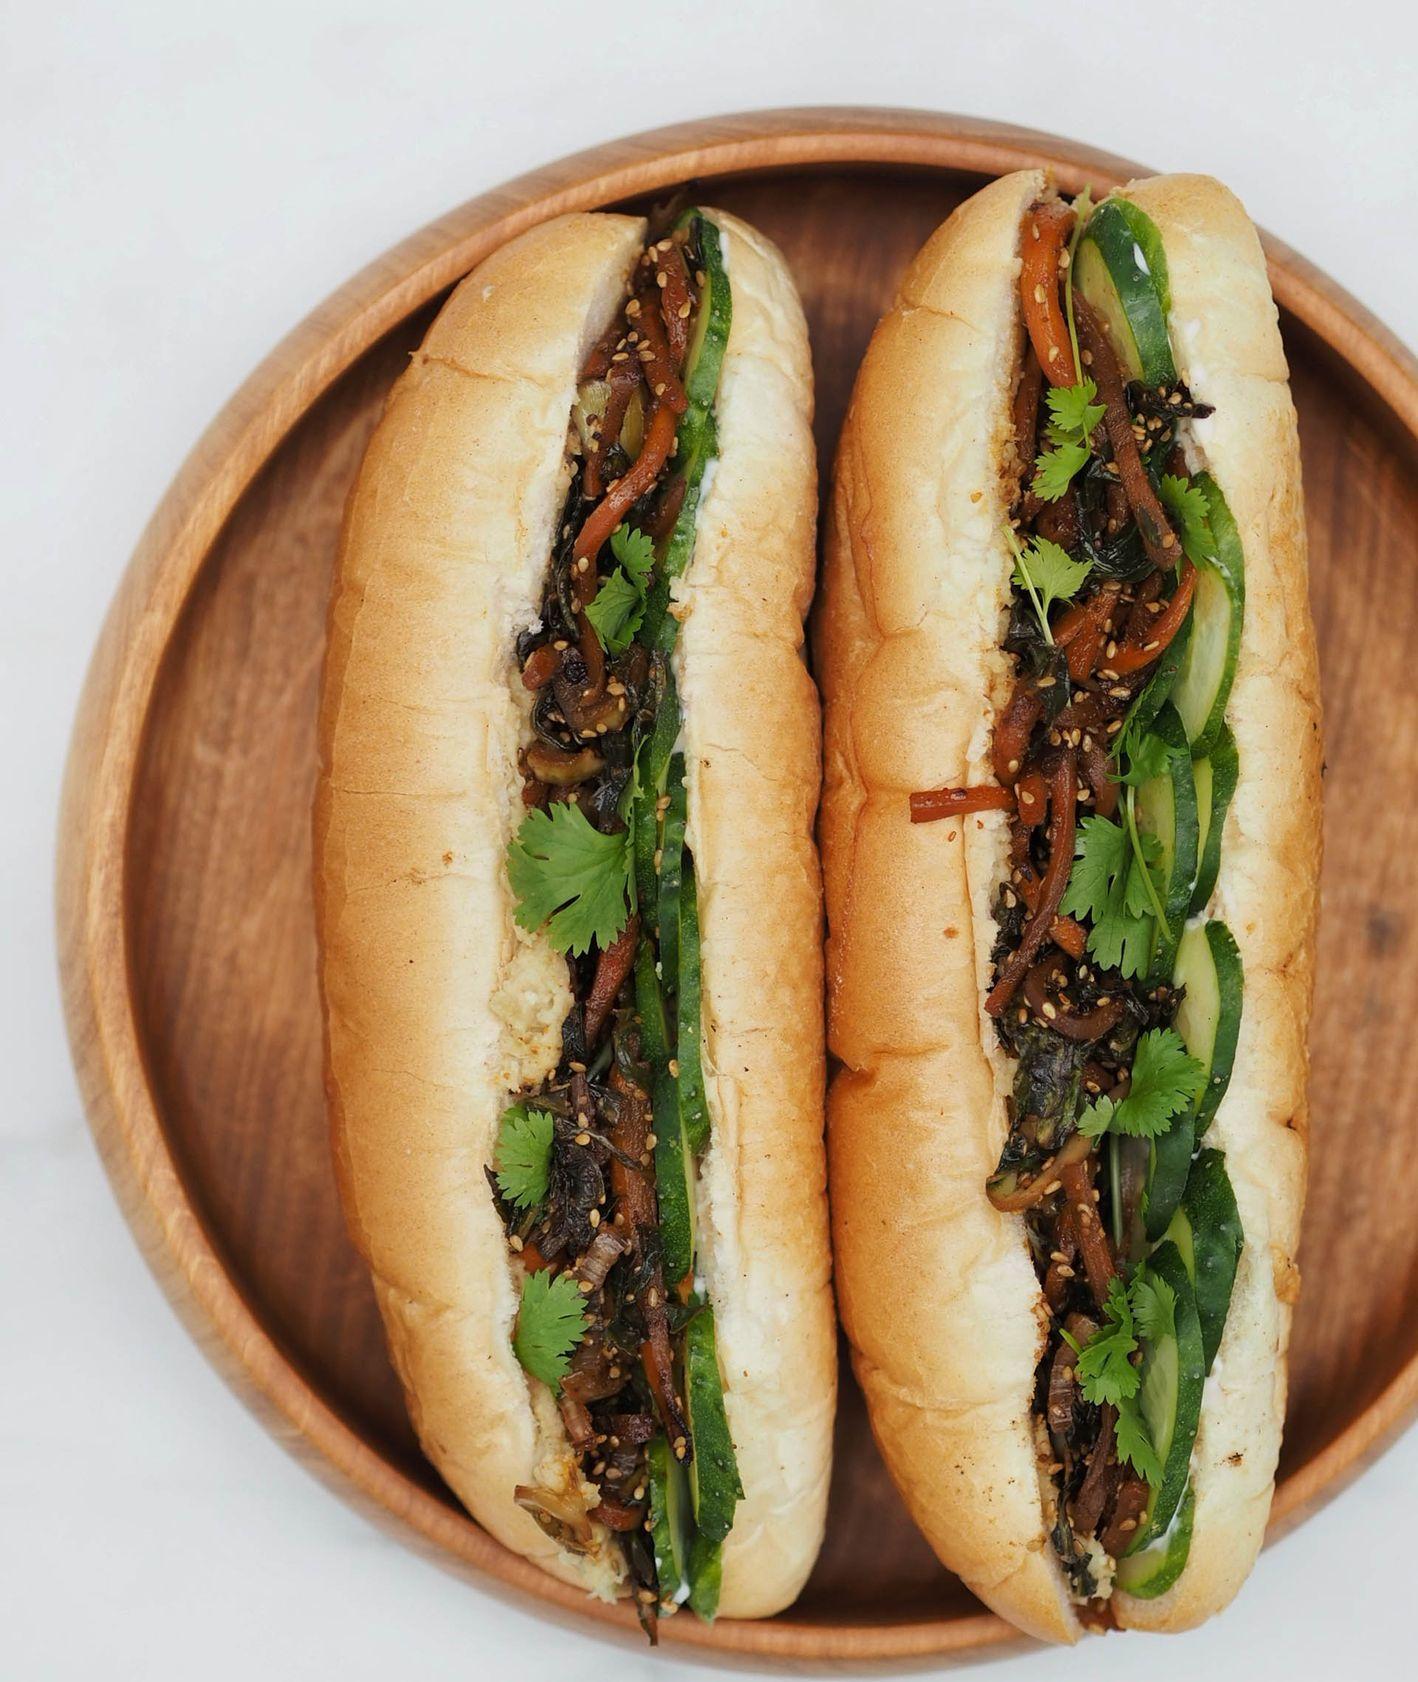 Wietnamskie kanapki banh mi z pastą z fasolki szparagowej (fot. Aleksandra Jagłowska)